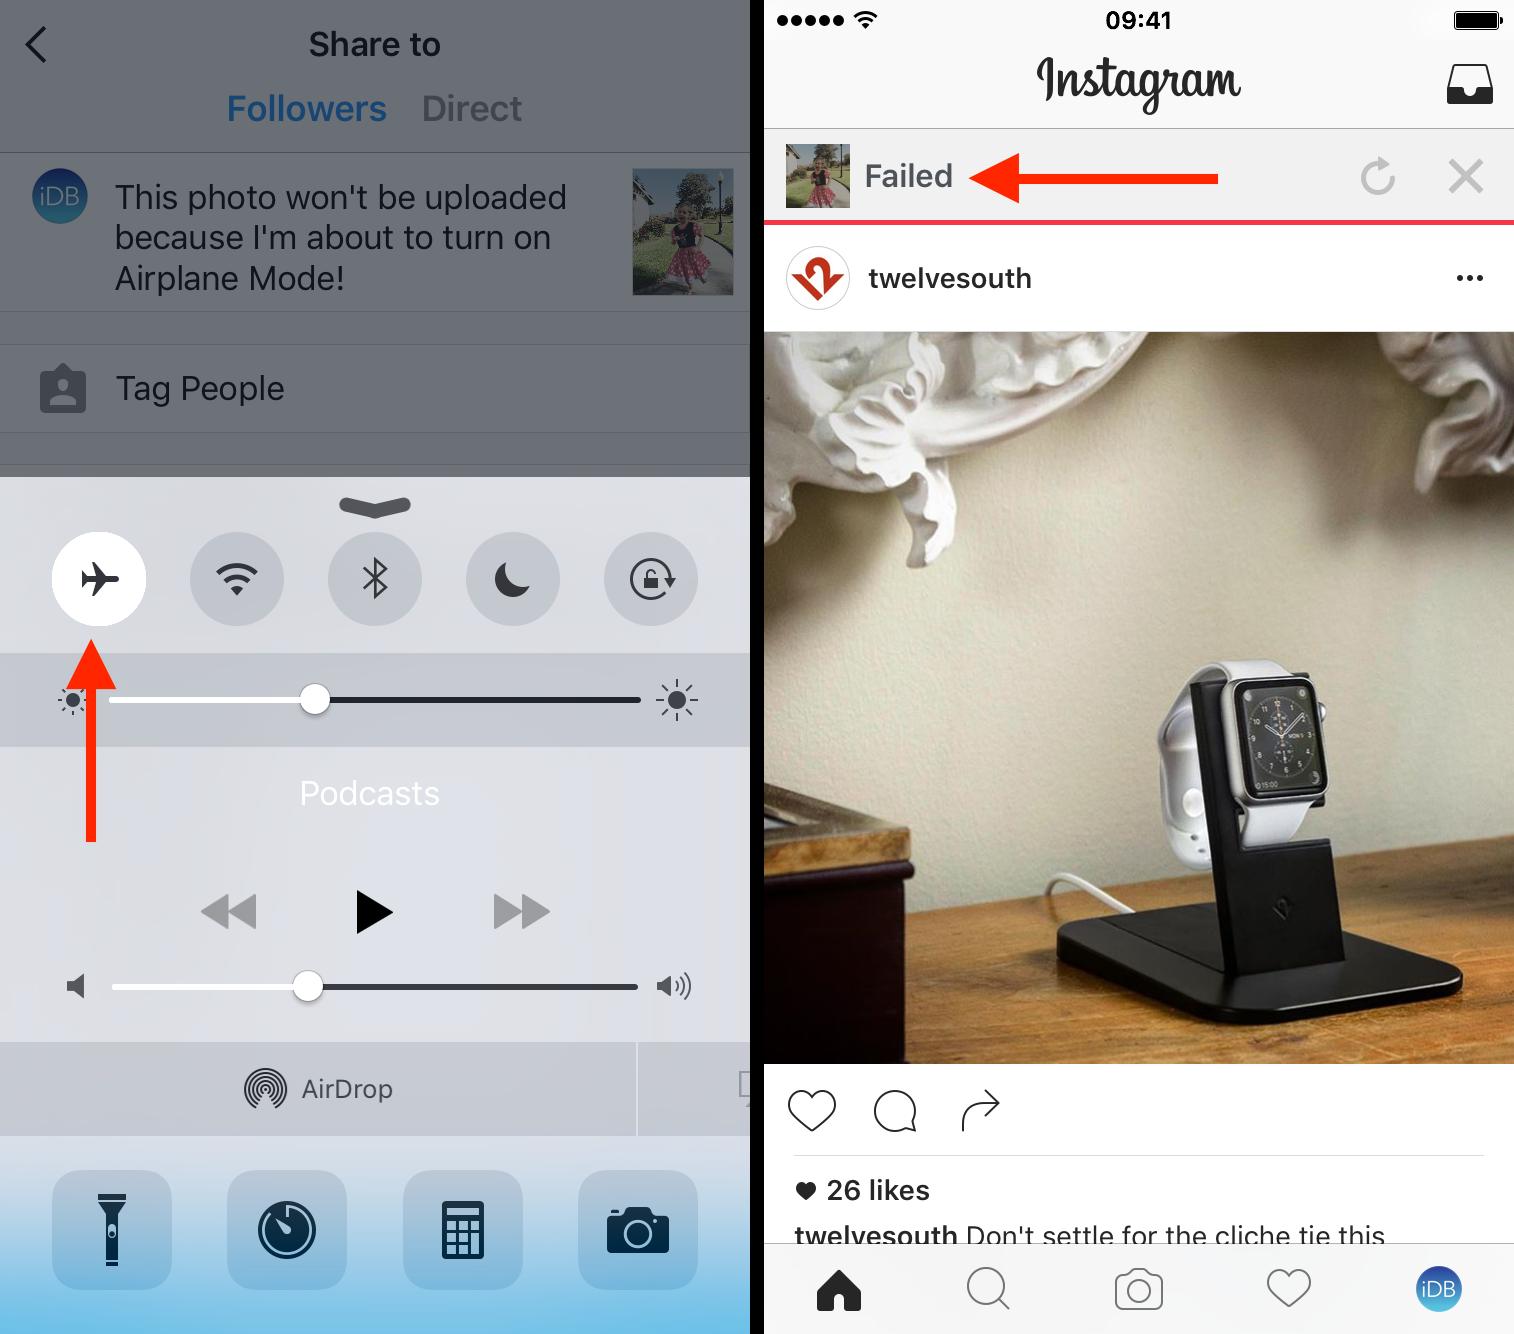 usar filtros de instagram sin publicar